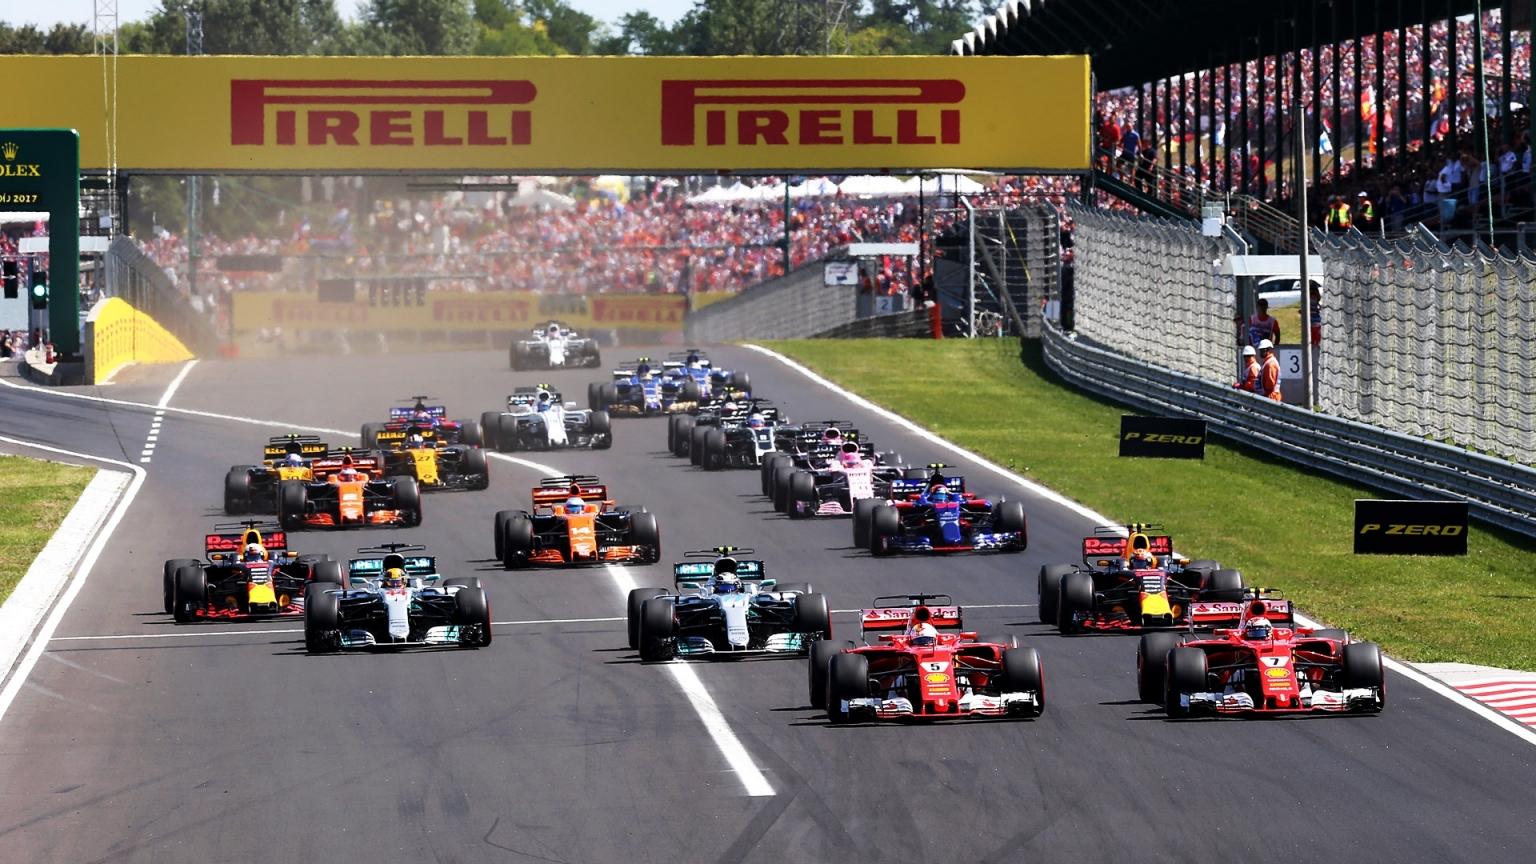 La Fórmula 1 llega a FOX Sports - El Blog de Inter